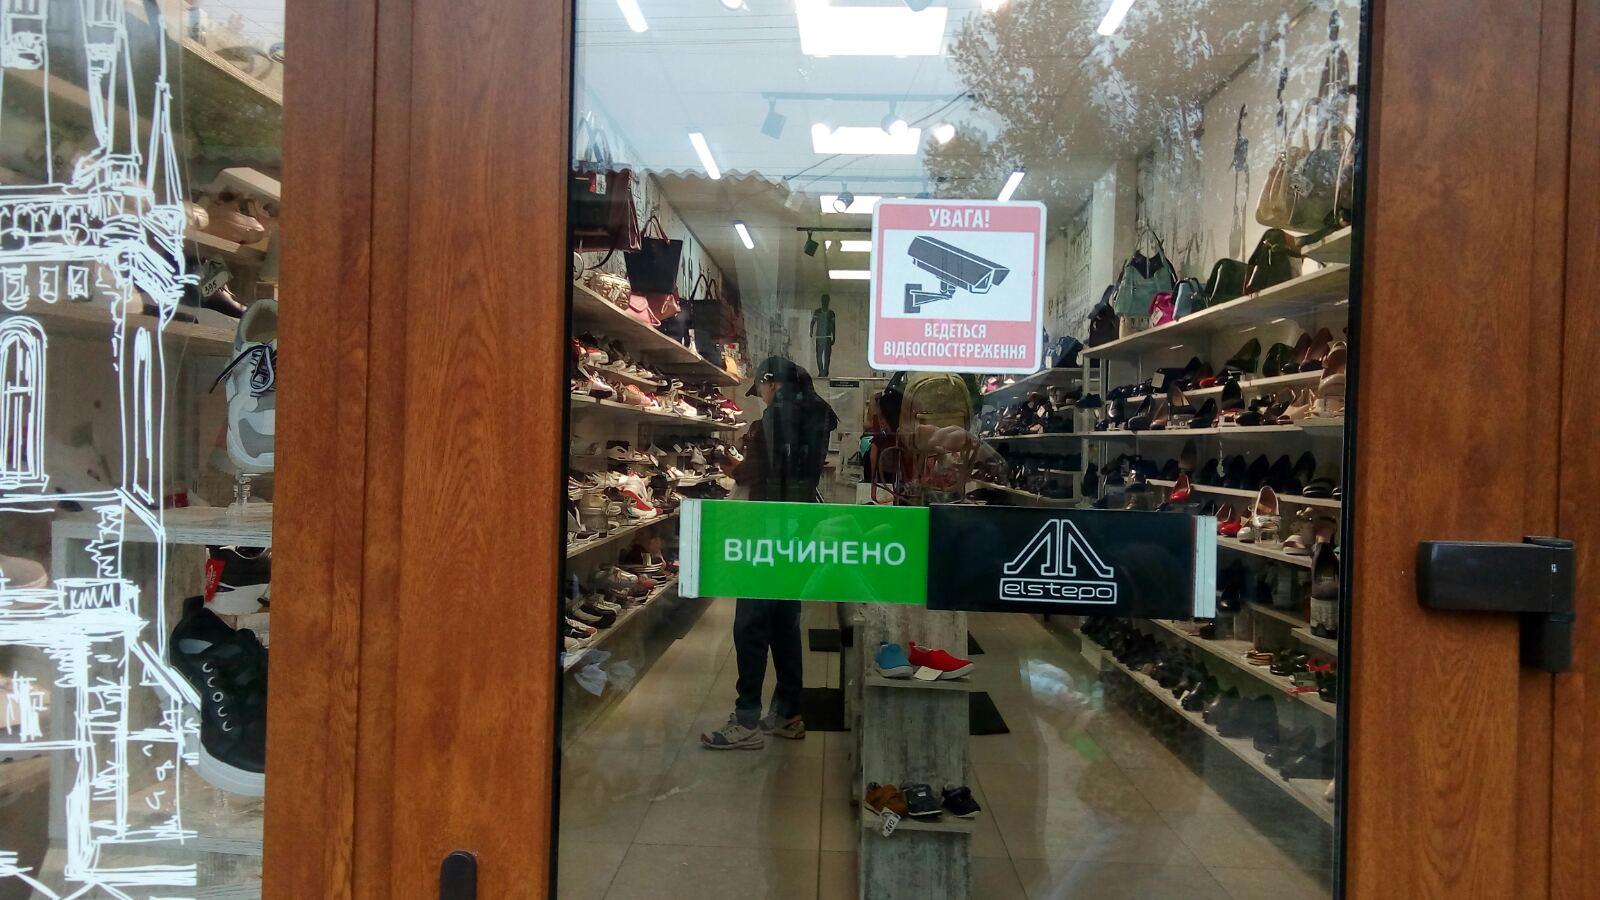 У Калуші перевірили магазини на дотримання правил карантину – виявили порушення (ФОТО)